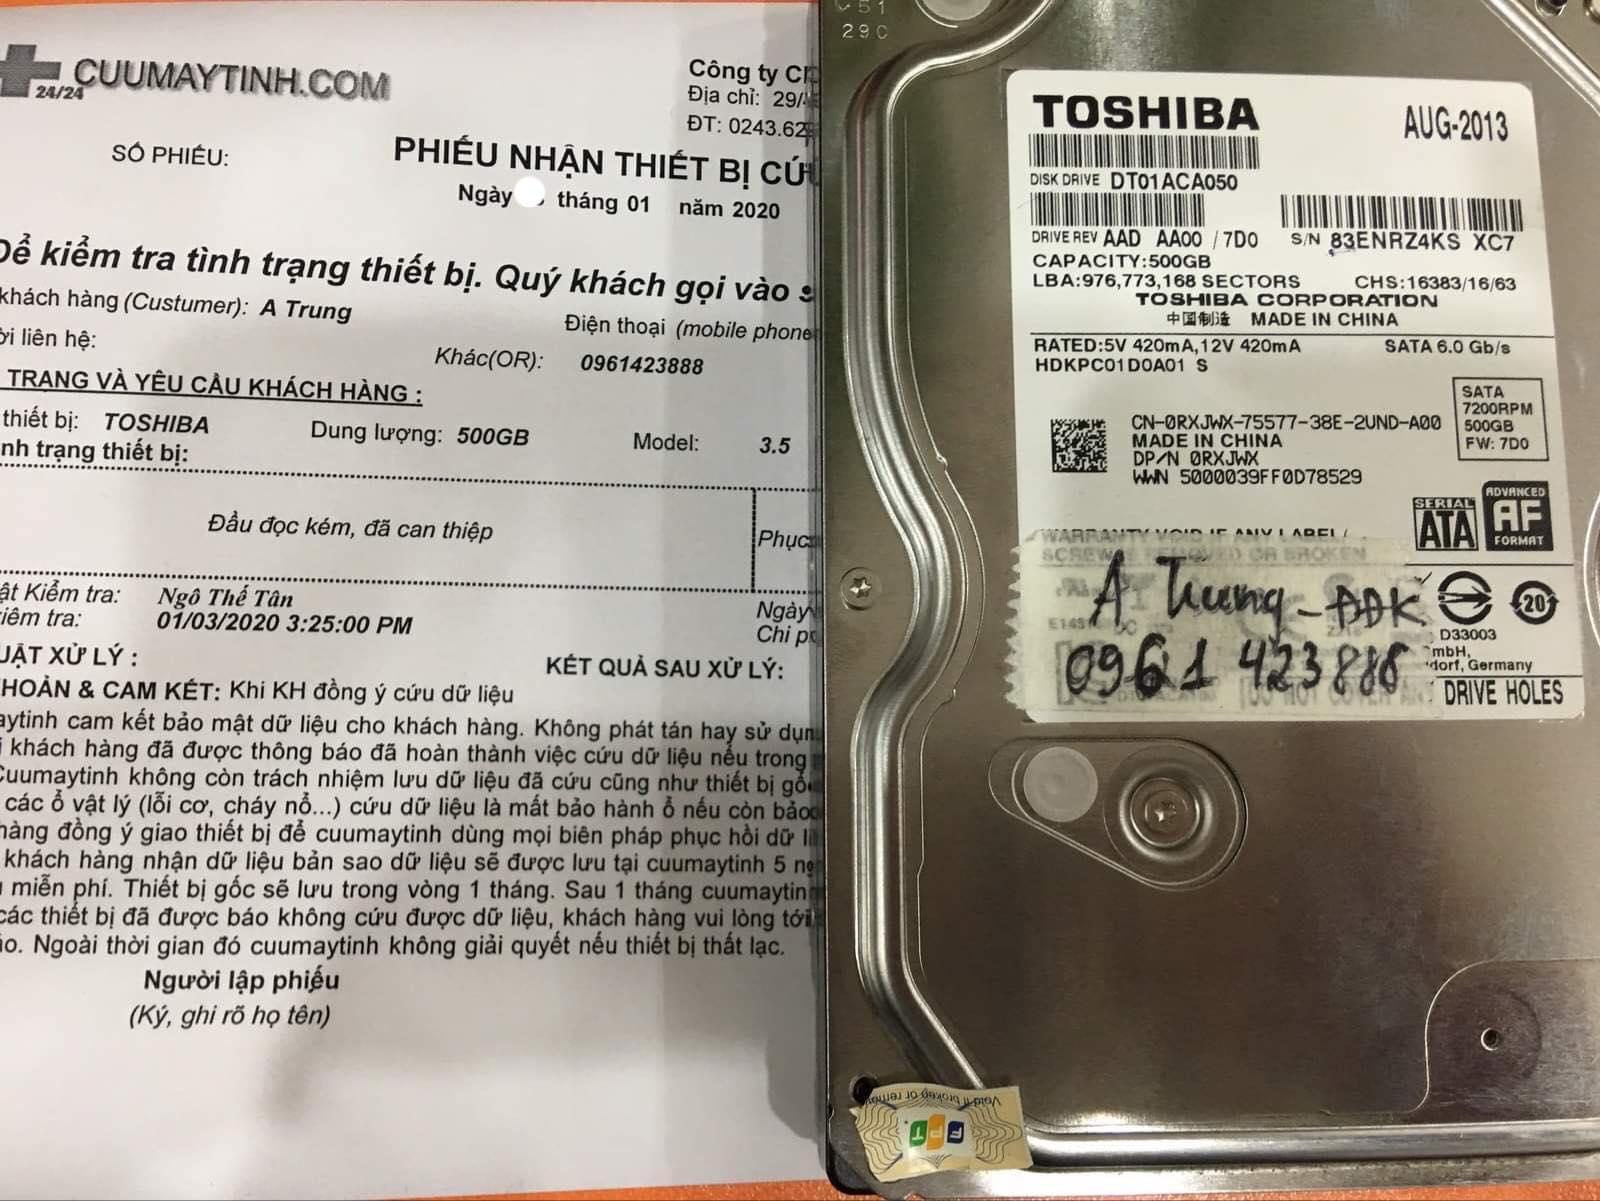 Lấy dữ liệu ổ cứng Toshiba 500GB đầu đọc kém 06/01/2020 - cuumaytinh